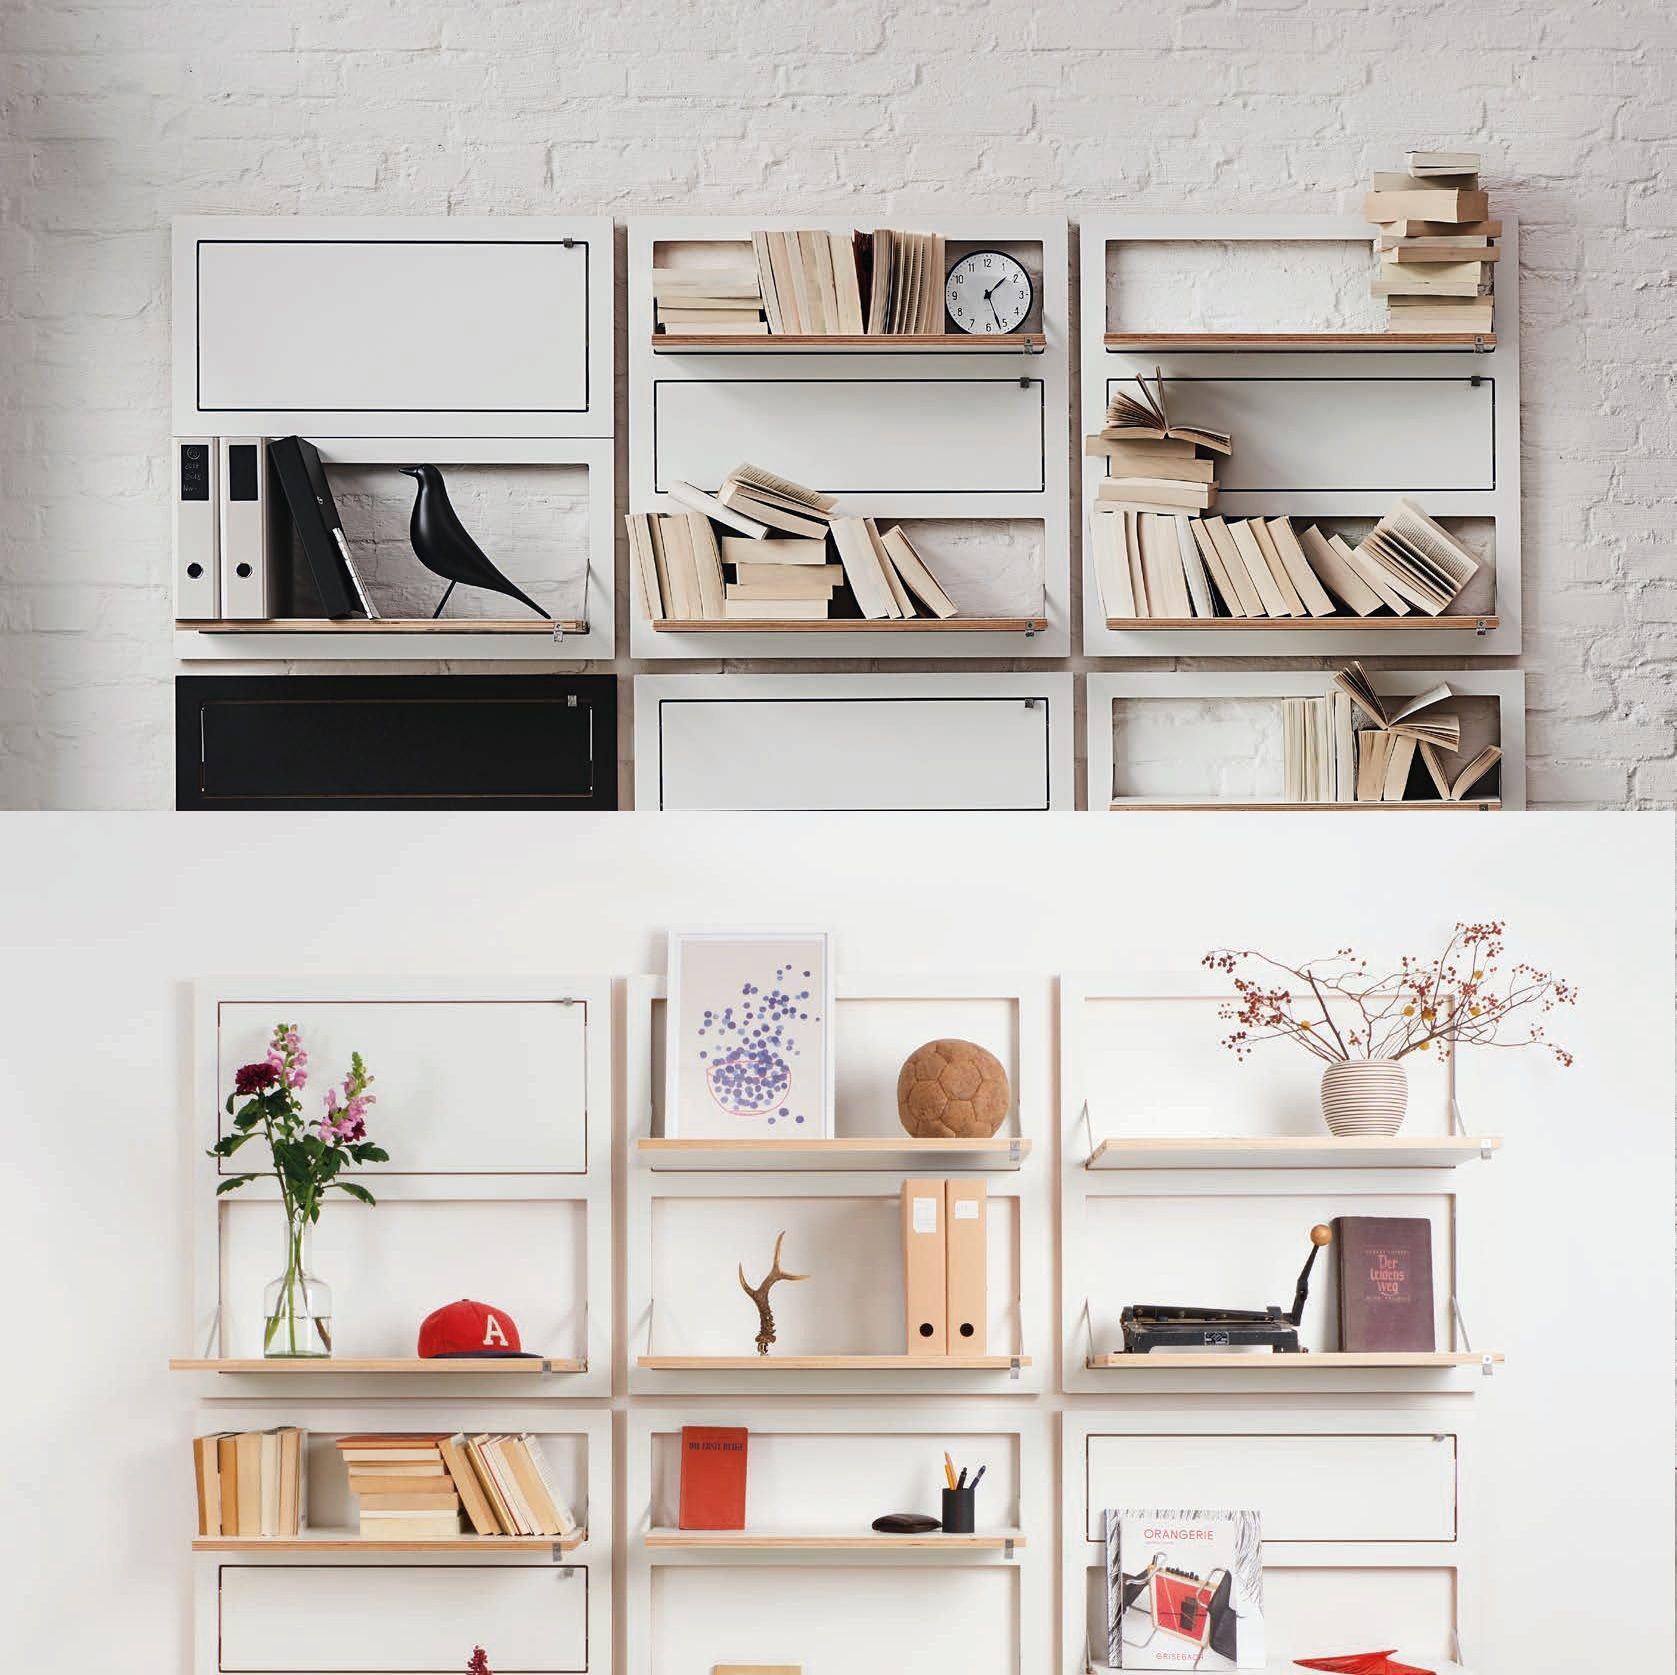 Come Arredare Un Salone Piccolo arredare un soggiorno piccolo: idee e prodotti per trarne il